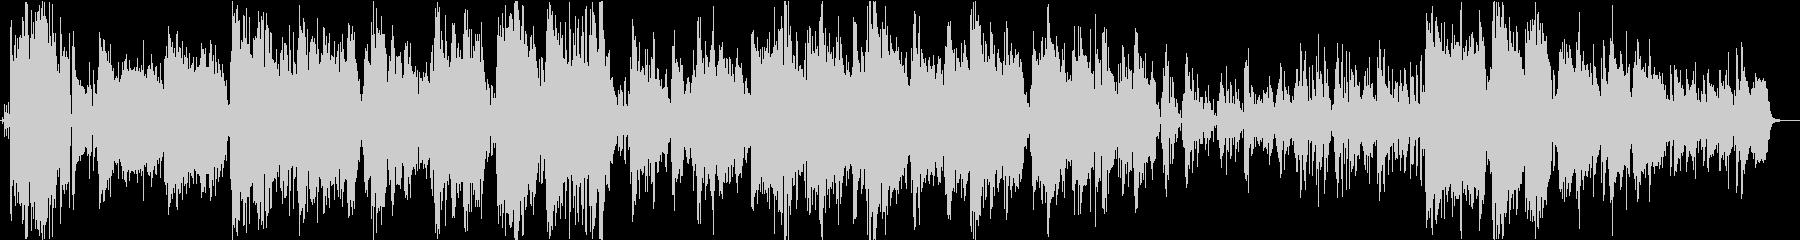 ジャズ。トロンボーンソロのアンサン...の未再生の波形